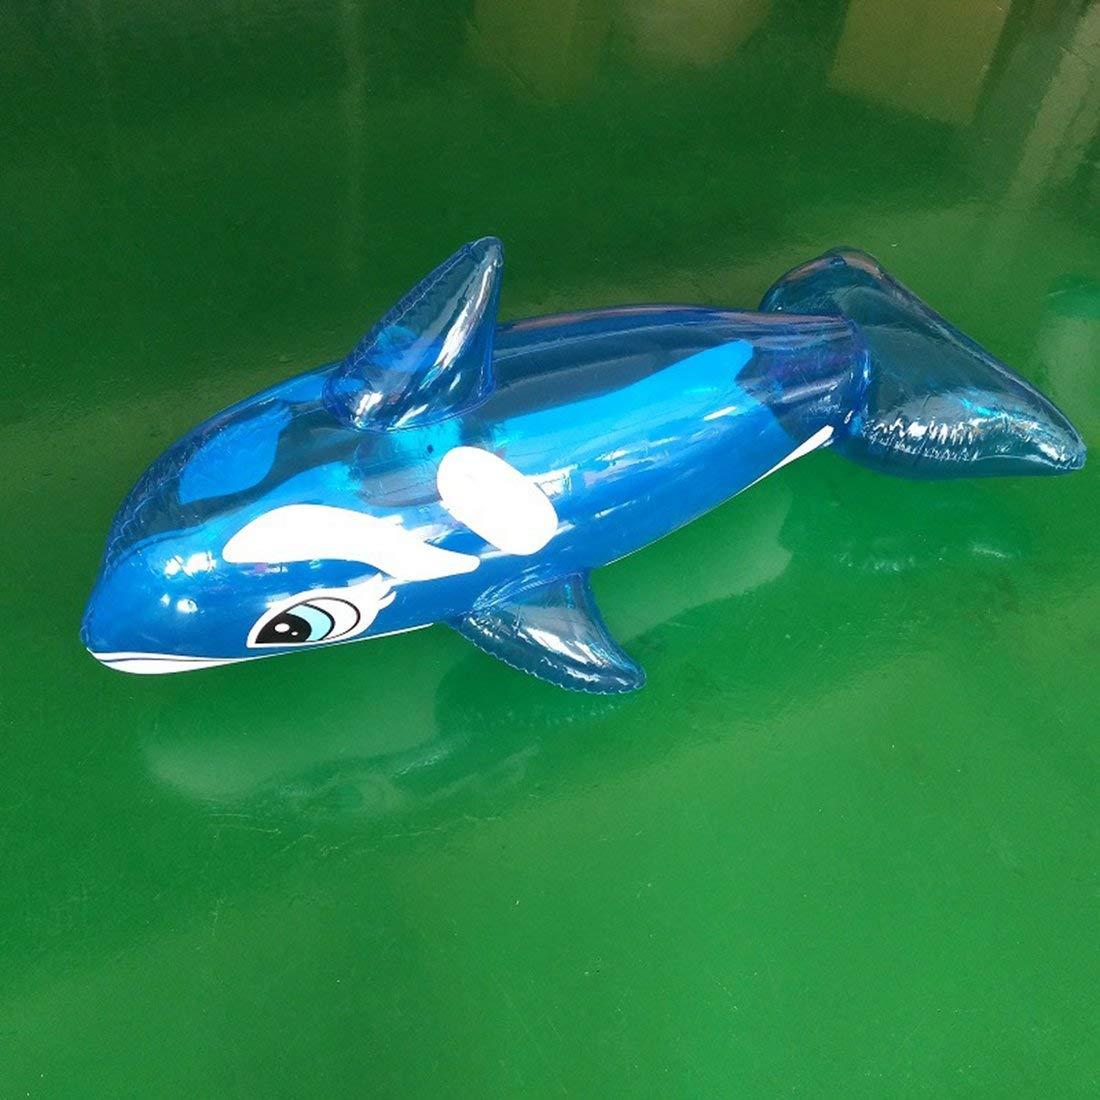 Formulaone Precioso Dolphin Inflable Balsa de Asiento Flotante Cama Flotador Piscina Niños Verano Playa Vacaciones en la Playa Juguete de Fiesta en el Agua ...